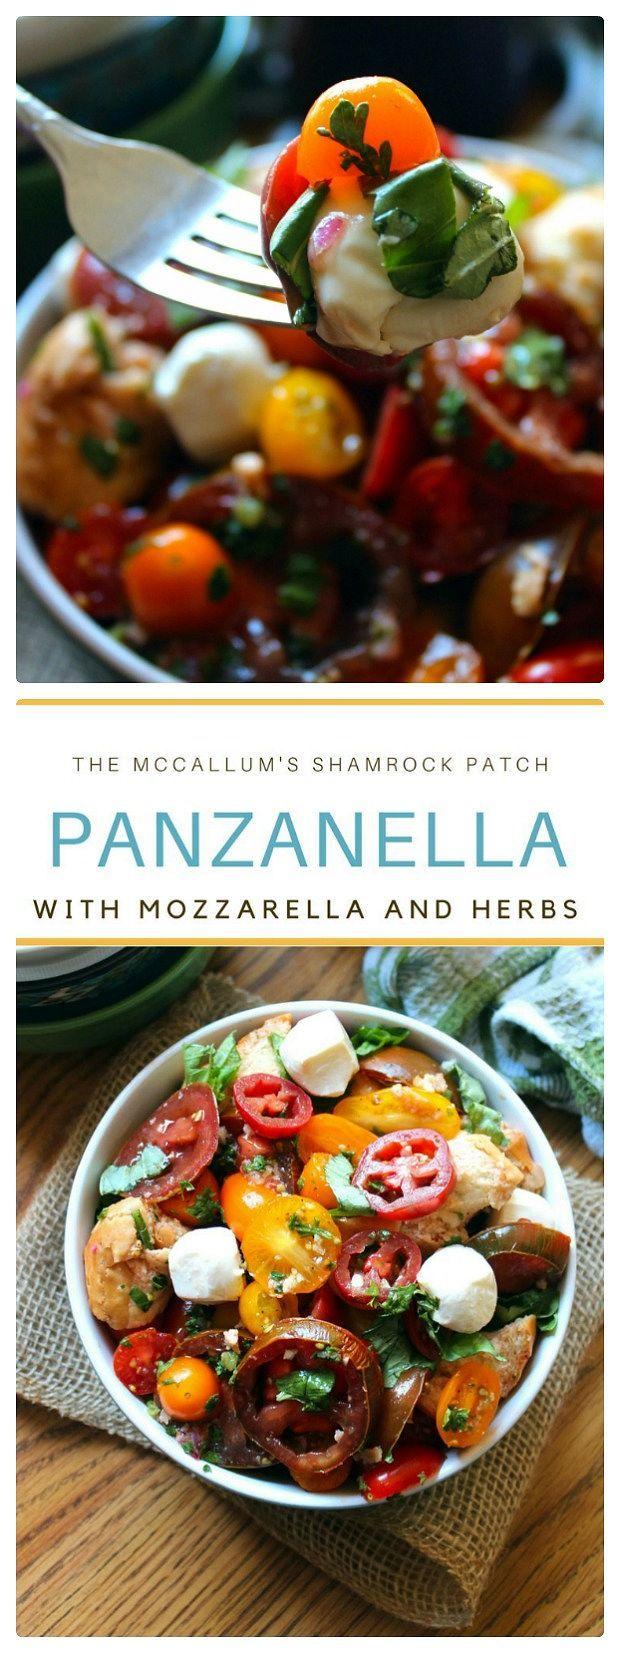 Hf ideas parrillas y asados - Panzanella With Mozzarella And Herbs